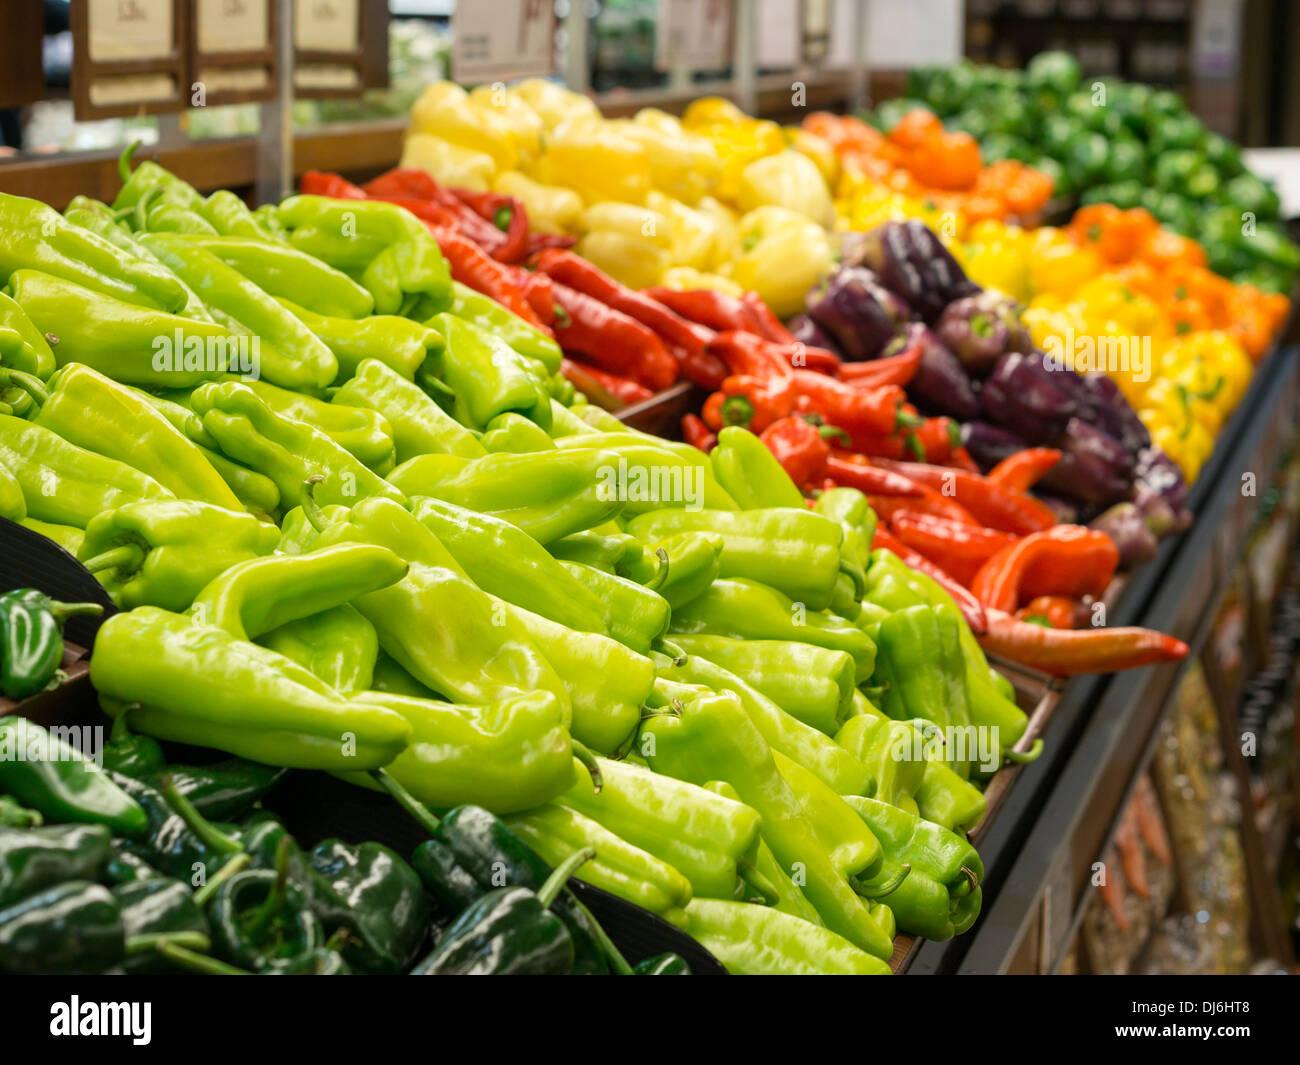 Eine Auswahl von Paprika. Auf dem Display in einem Lebensmittelgeschäft eine bunte Anzeige von süß und Peperoni. Stockbild